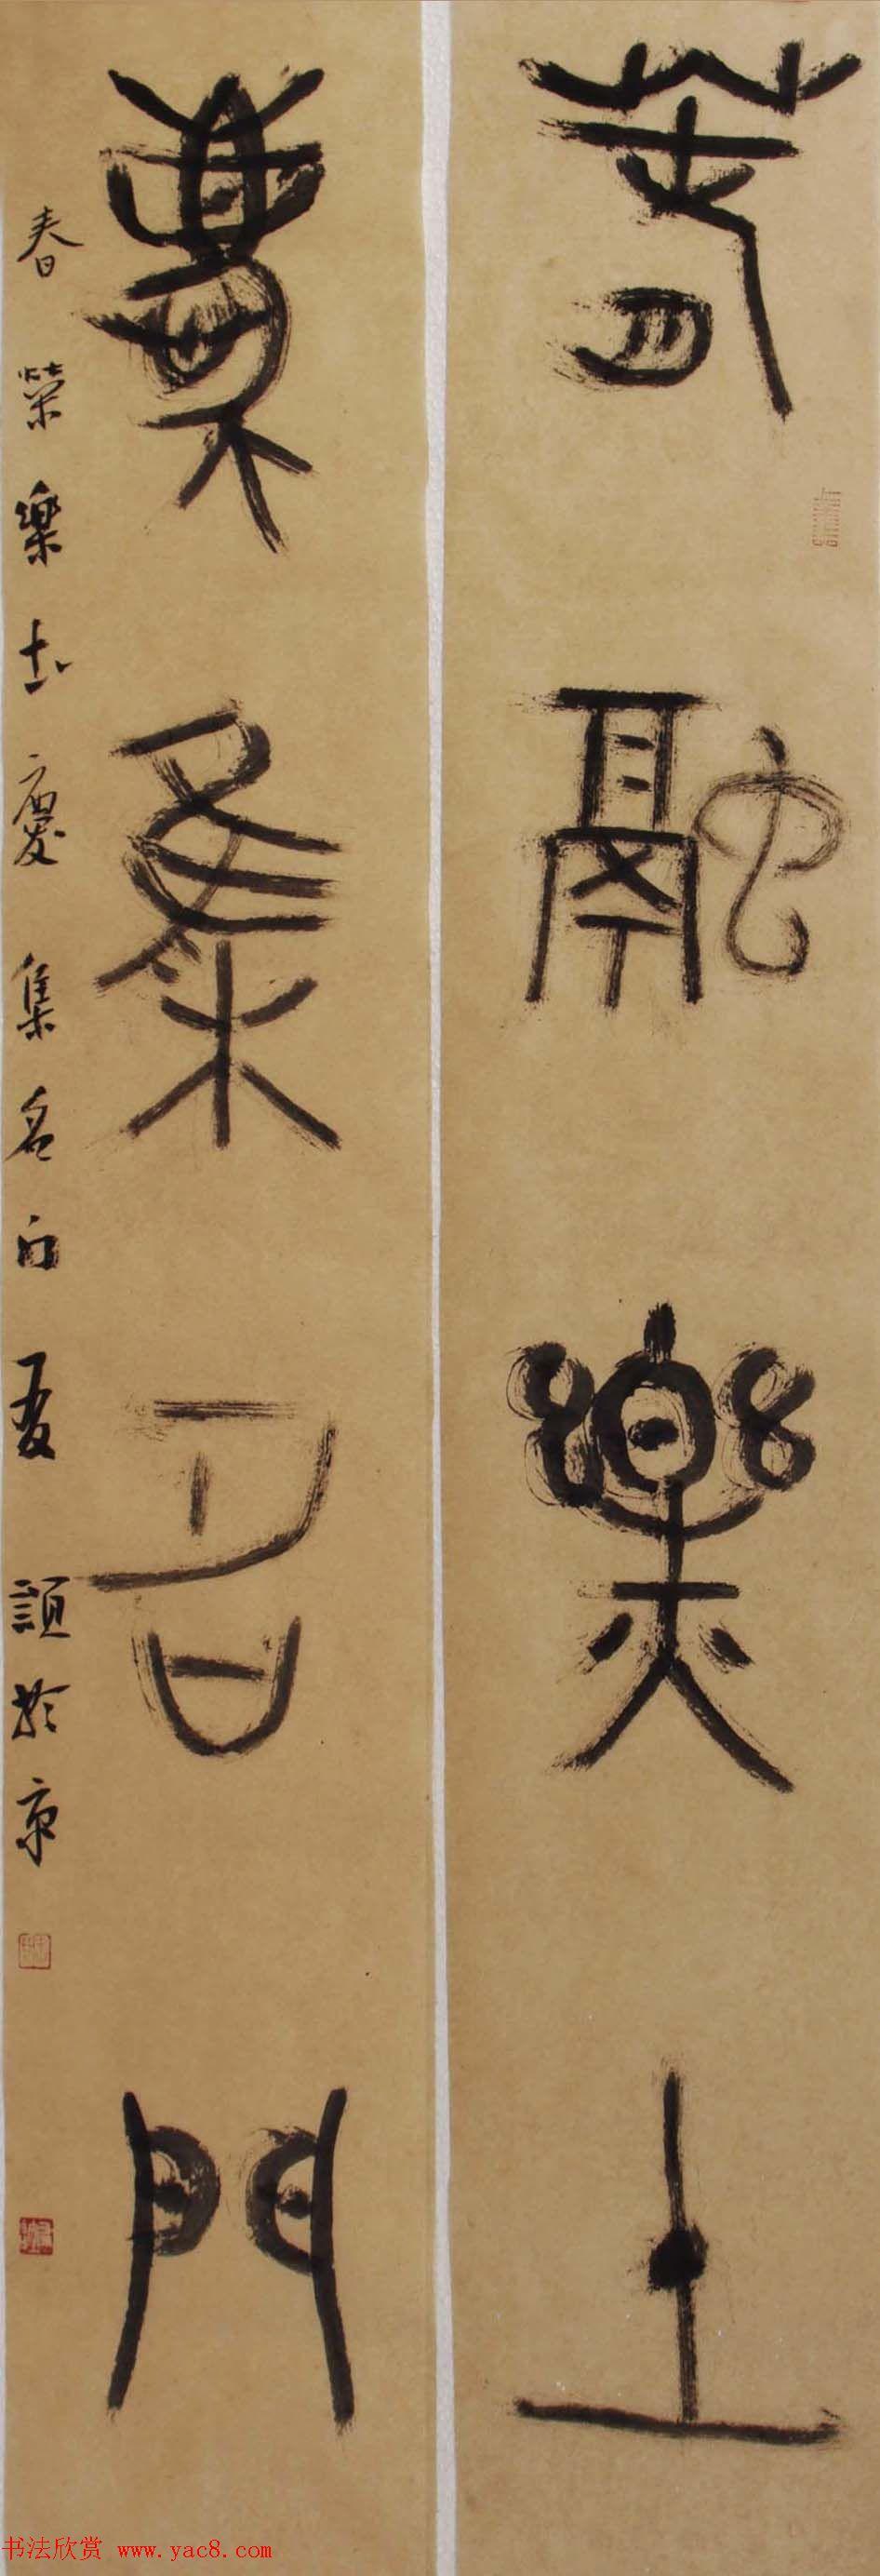 王友谊篆书书法作品欣赏 第13页 毛笔书法 书法欣赏